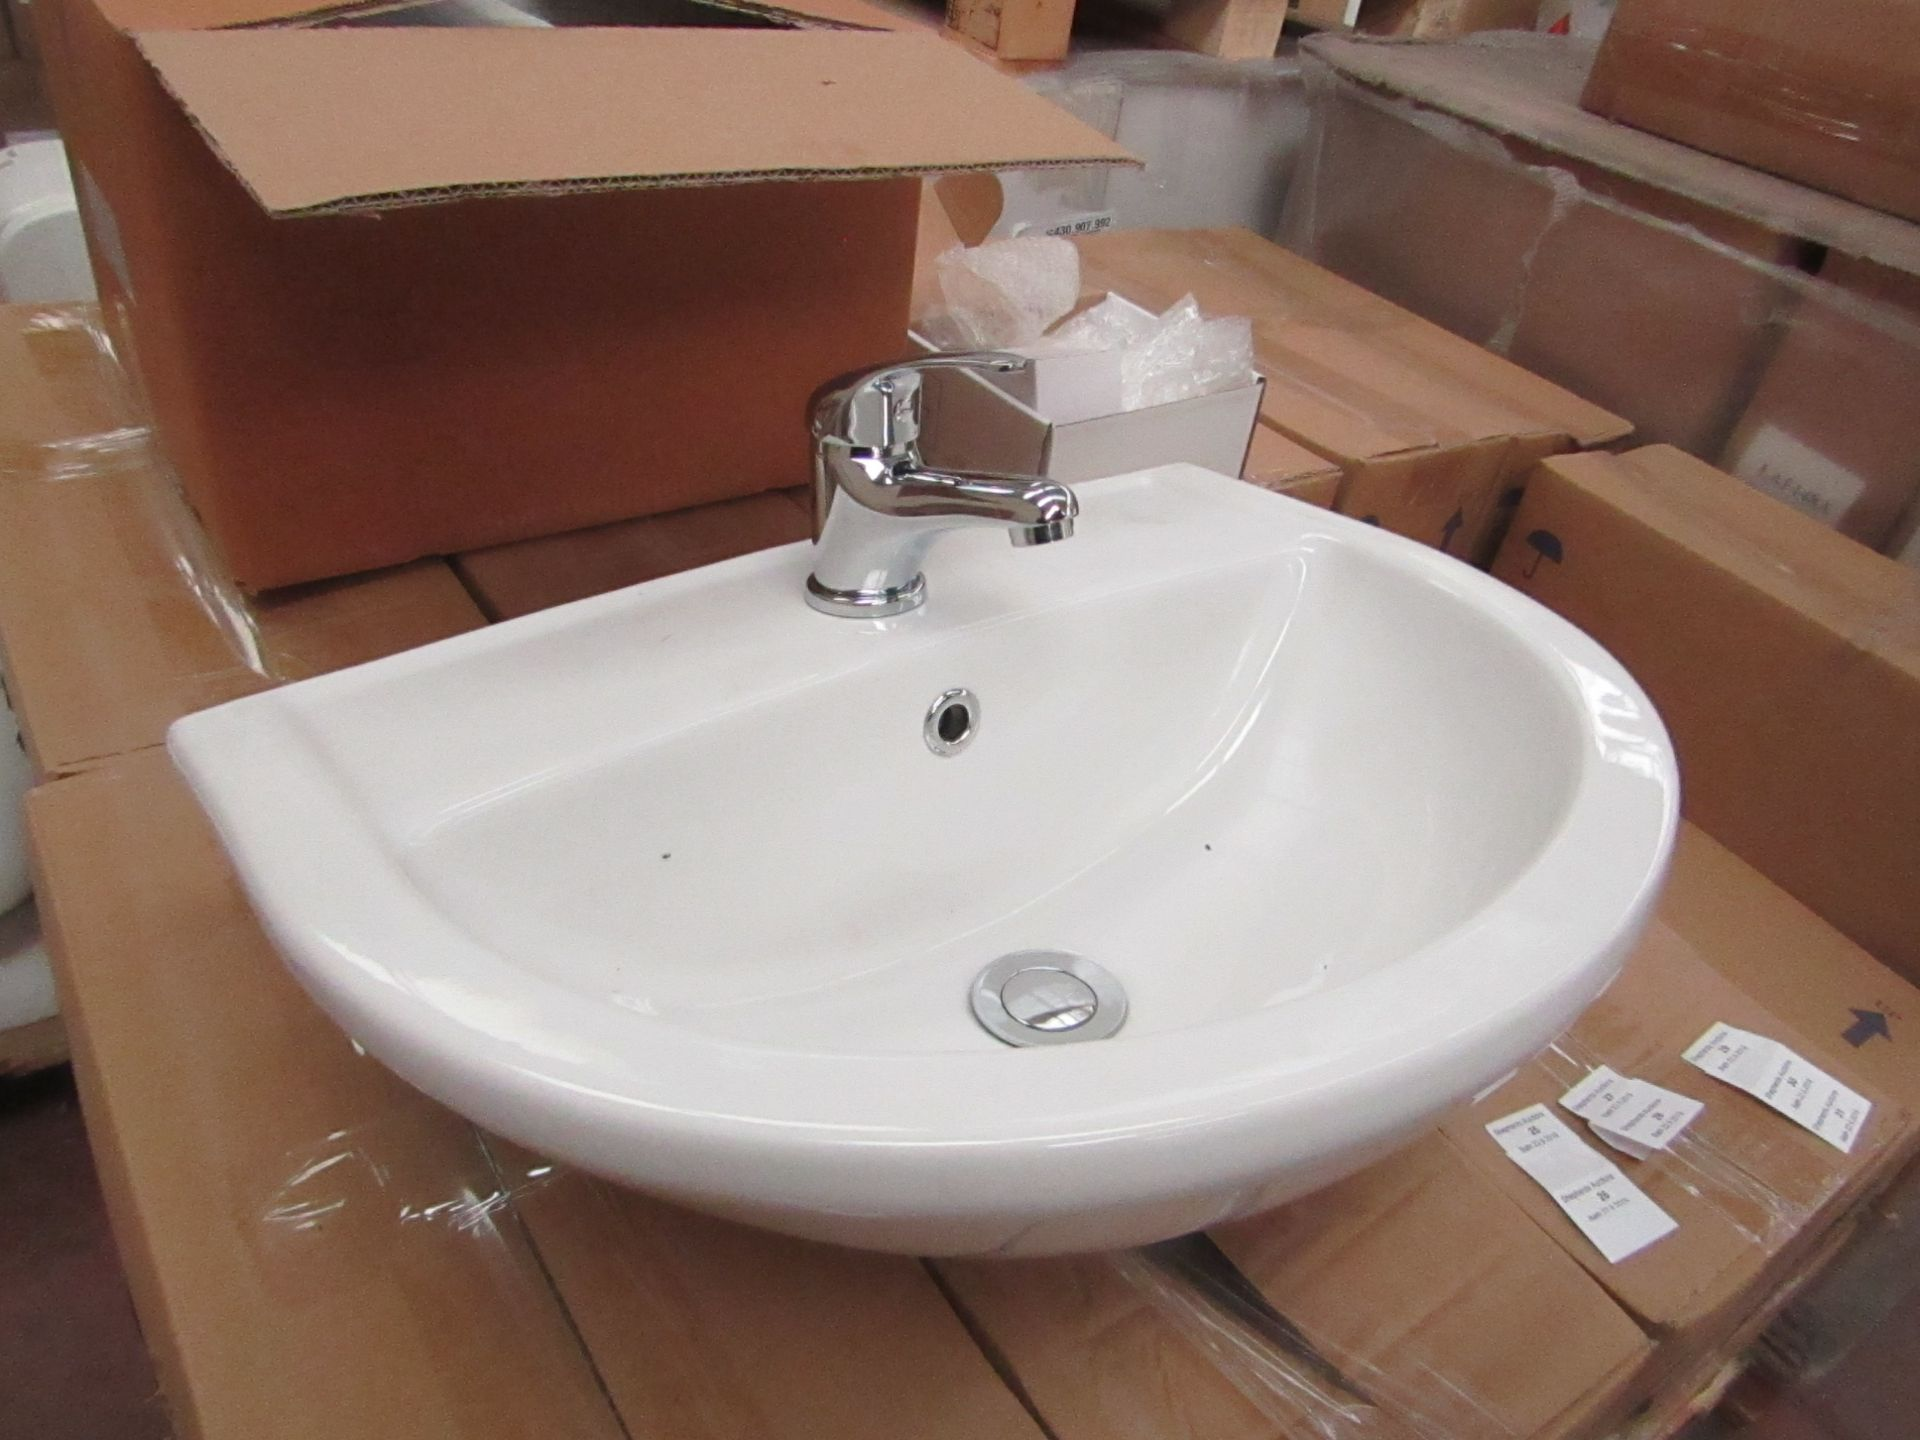 Lotto 31 - Lecico Remini 50cm 1 tap hole sink, new